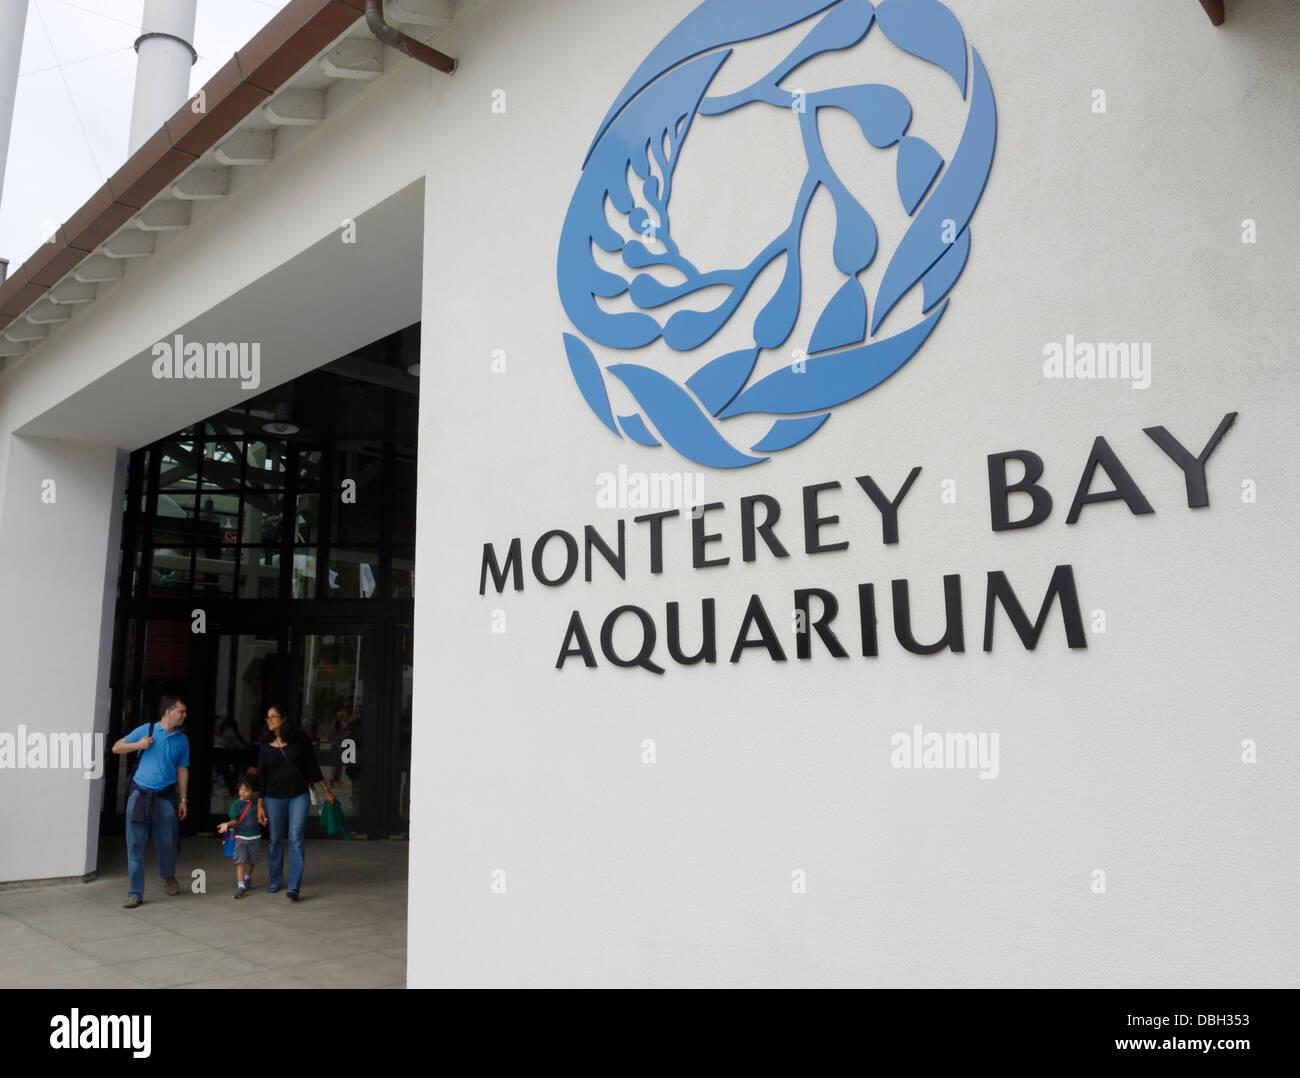 Monterey Bay Aquarium - Stock Image